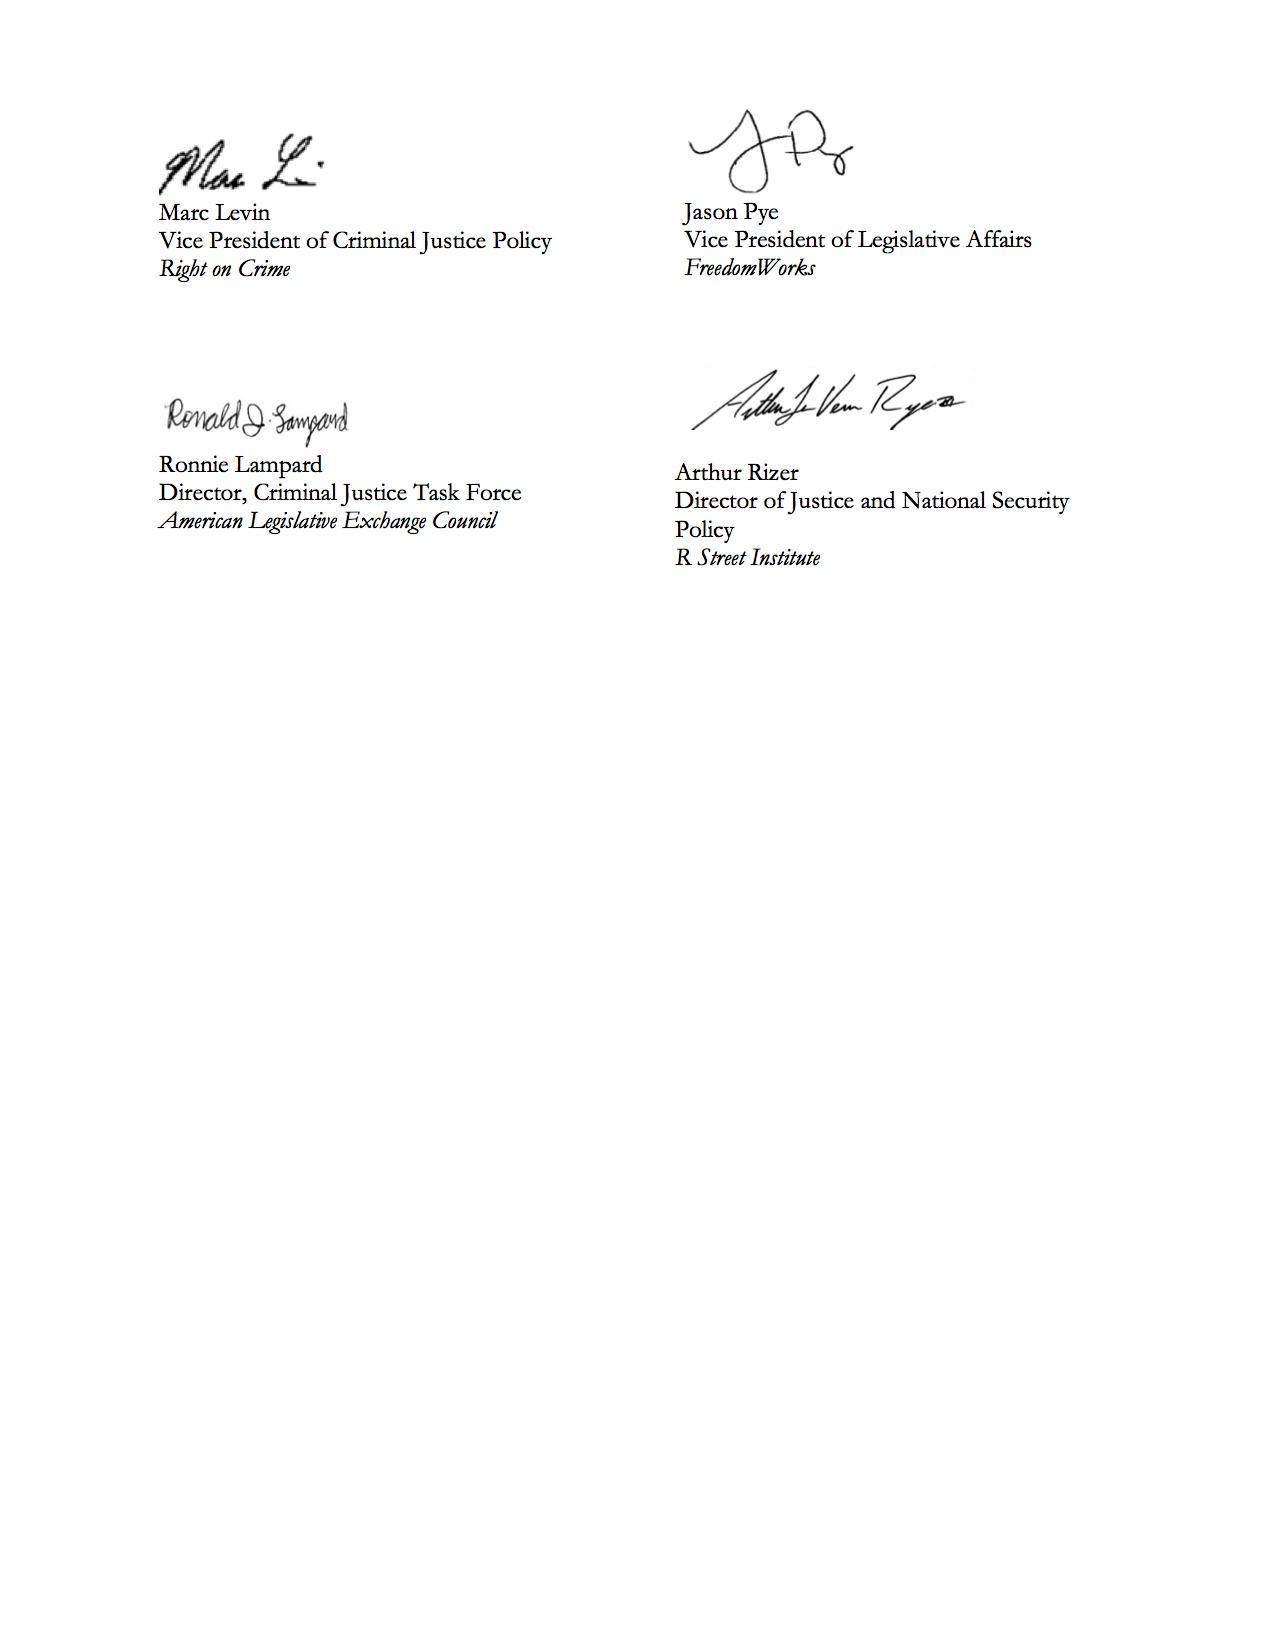 MI_CAF_Coalition_Letter_(S)_3.jpg